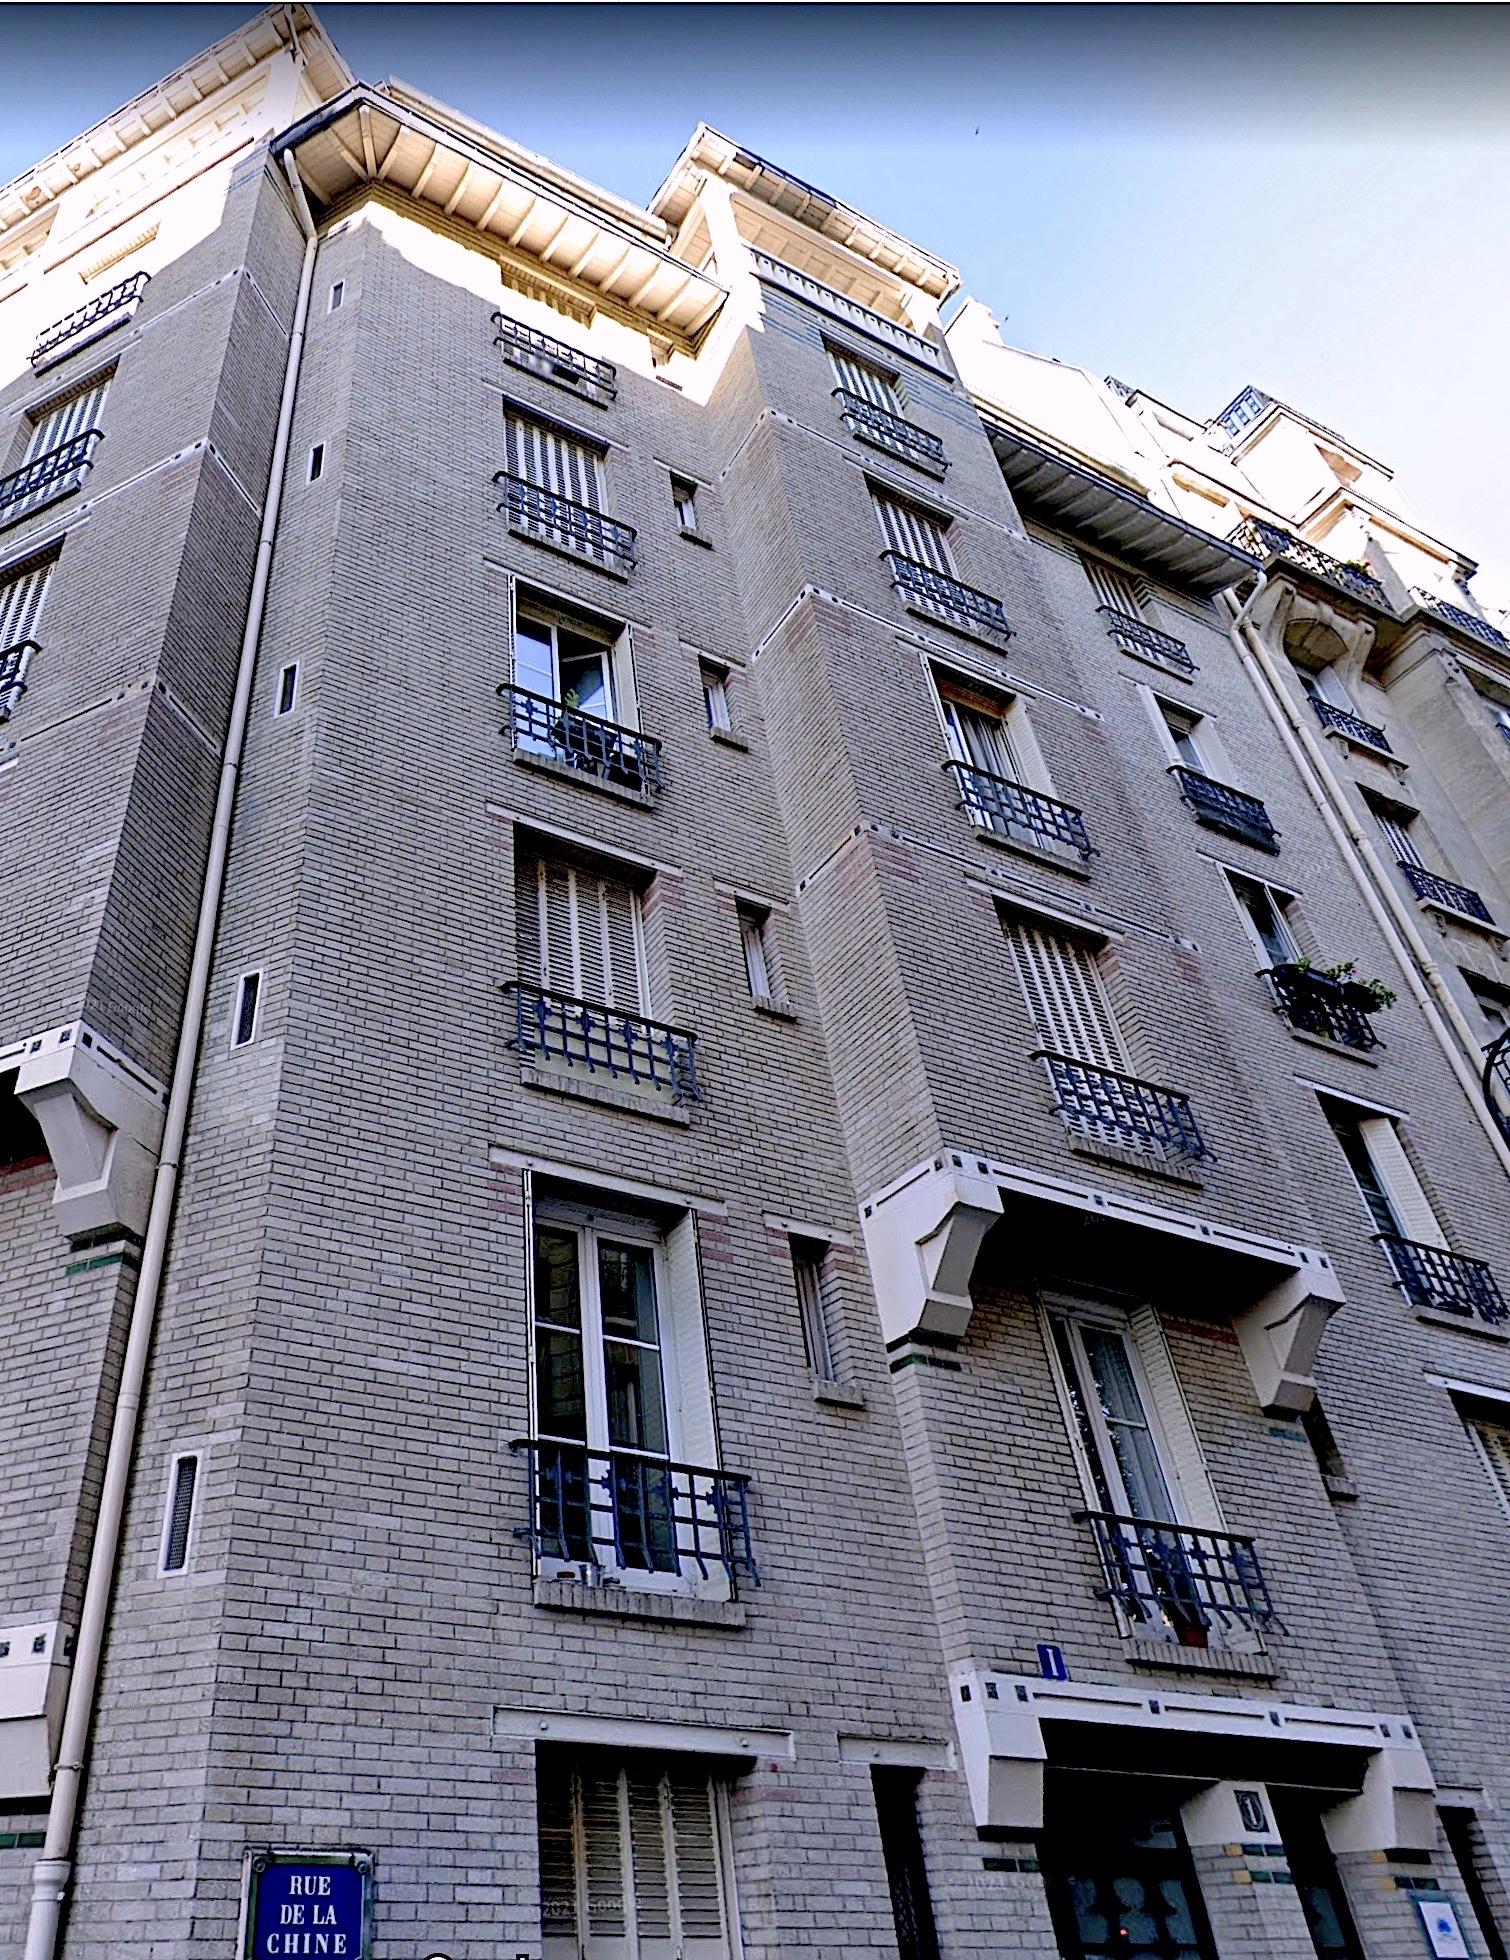 Une construction de l'architecte Sauvage dans le 20e